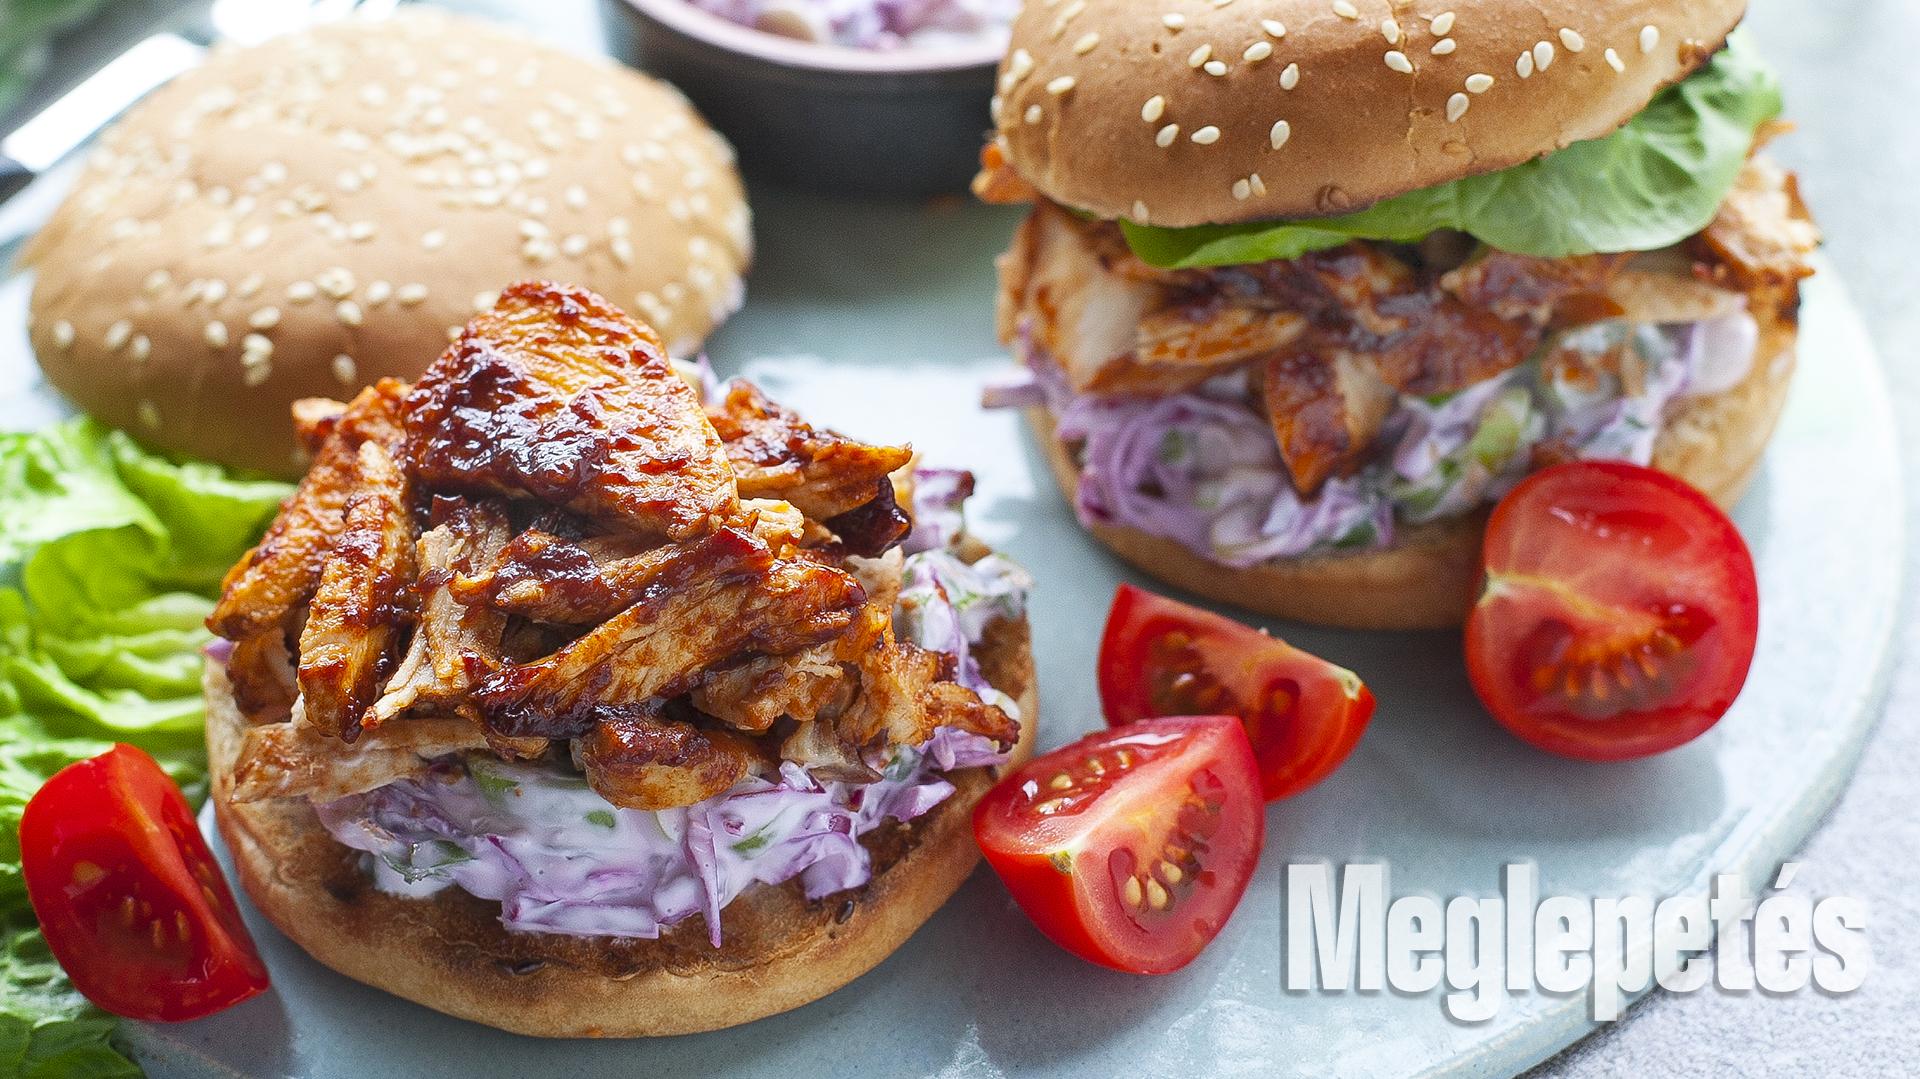 bbq csirkeburger káposztasalátával csirkemell fokhagyma görög joghurt hamburgerzsemle káposzta méz receptek vrábel kriszta zöldsaláta